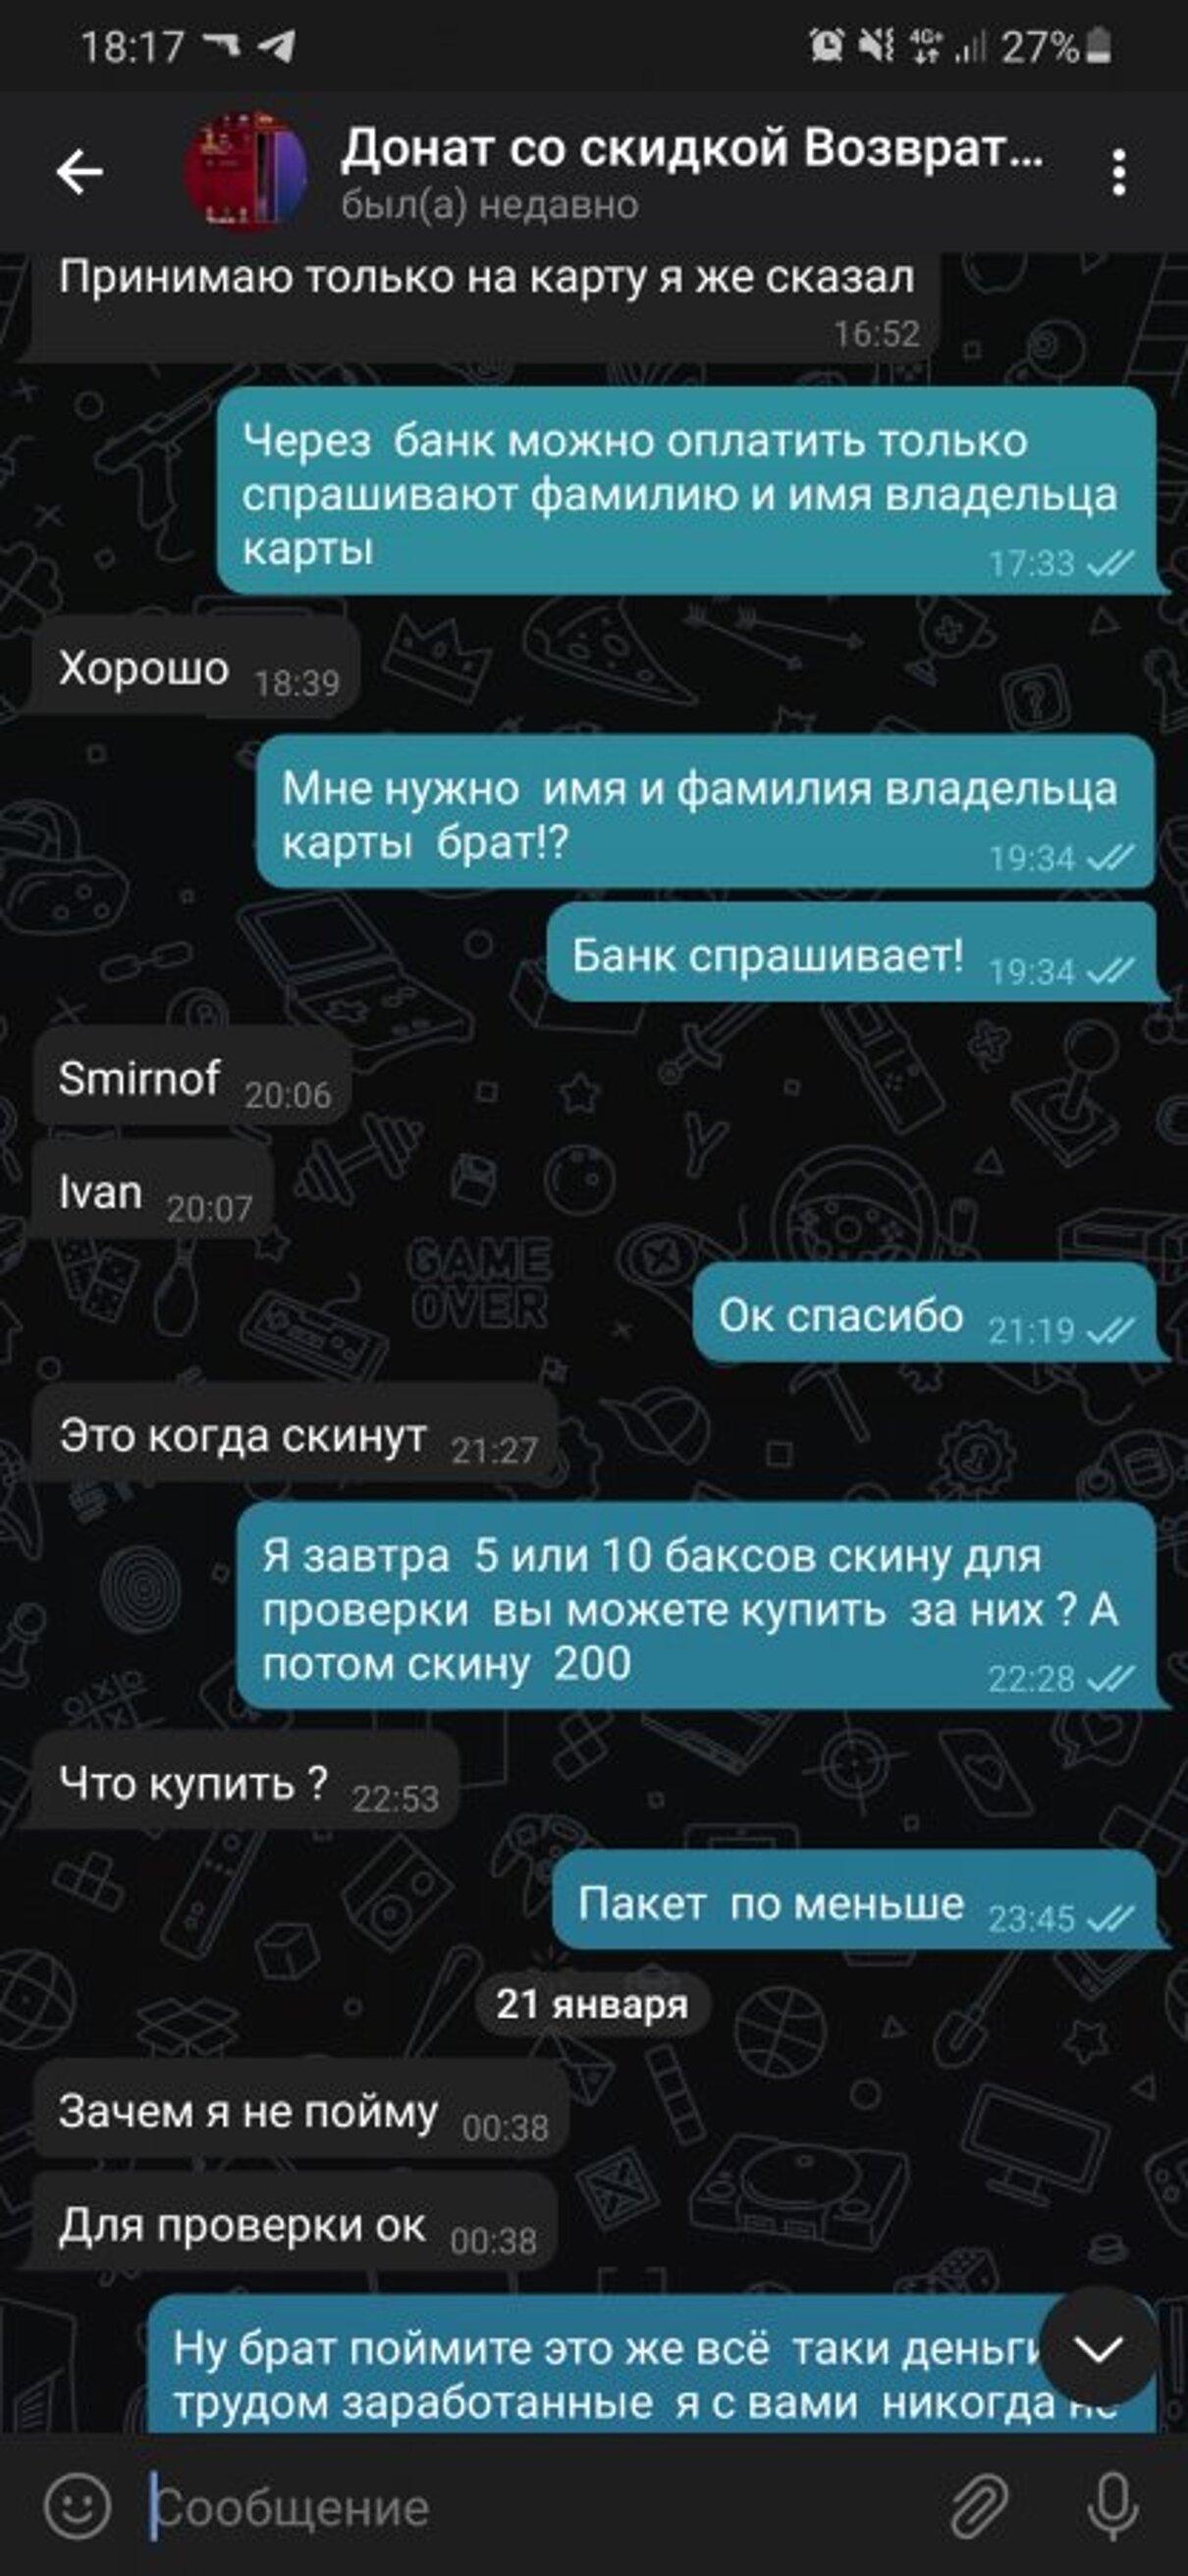 Жалоба-отзыв: Donat-games.ru - Мошенники и кидалы.  Фото №3